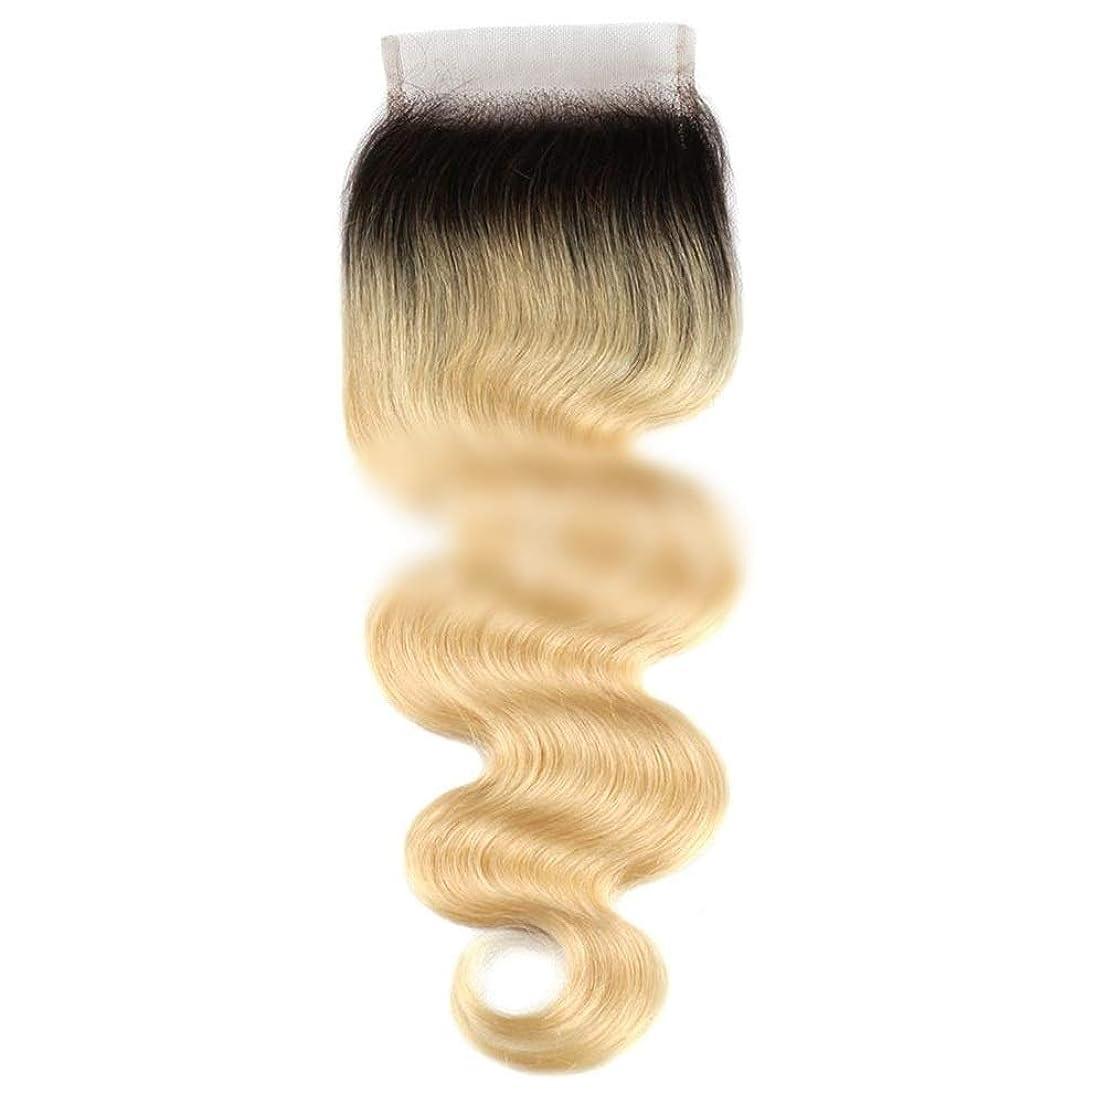 オズワルド塊失速YESONEEP 1B / 613#ブロンドヘア実体波4×4フリーパートレース閉鎖9Aブラジル人間の髪の毛のための合成髪レースかつらロールプレイングかつら長くて短い女性自然 (色 : Blonde, サイズ : 12 inch)